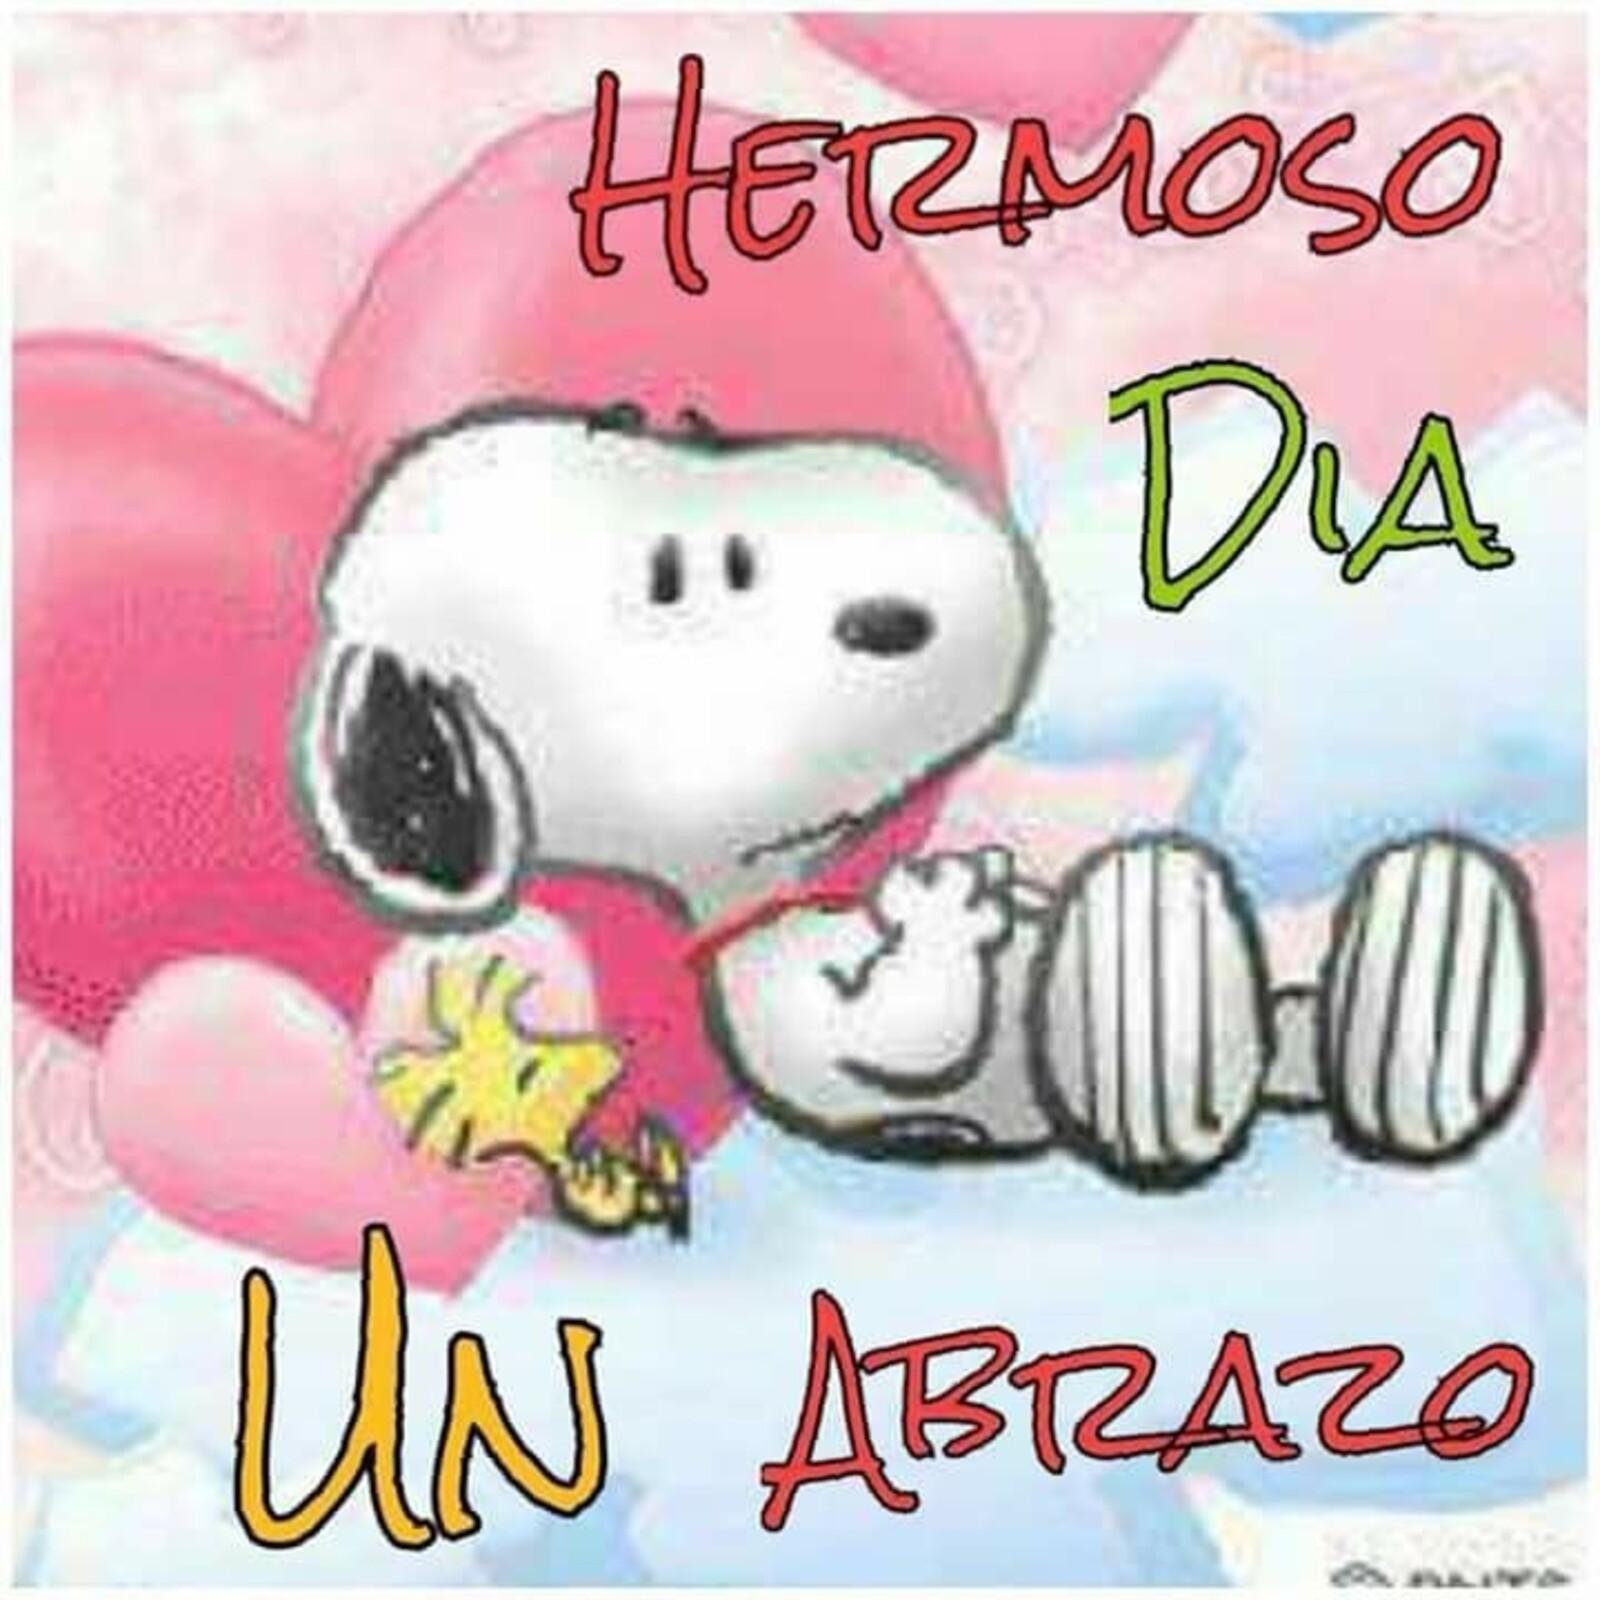 """""""Hermoso dia, un abrazo"""" - Snoopy"""